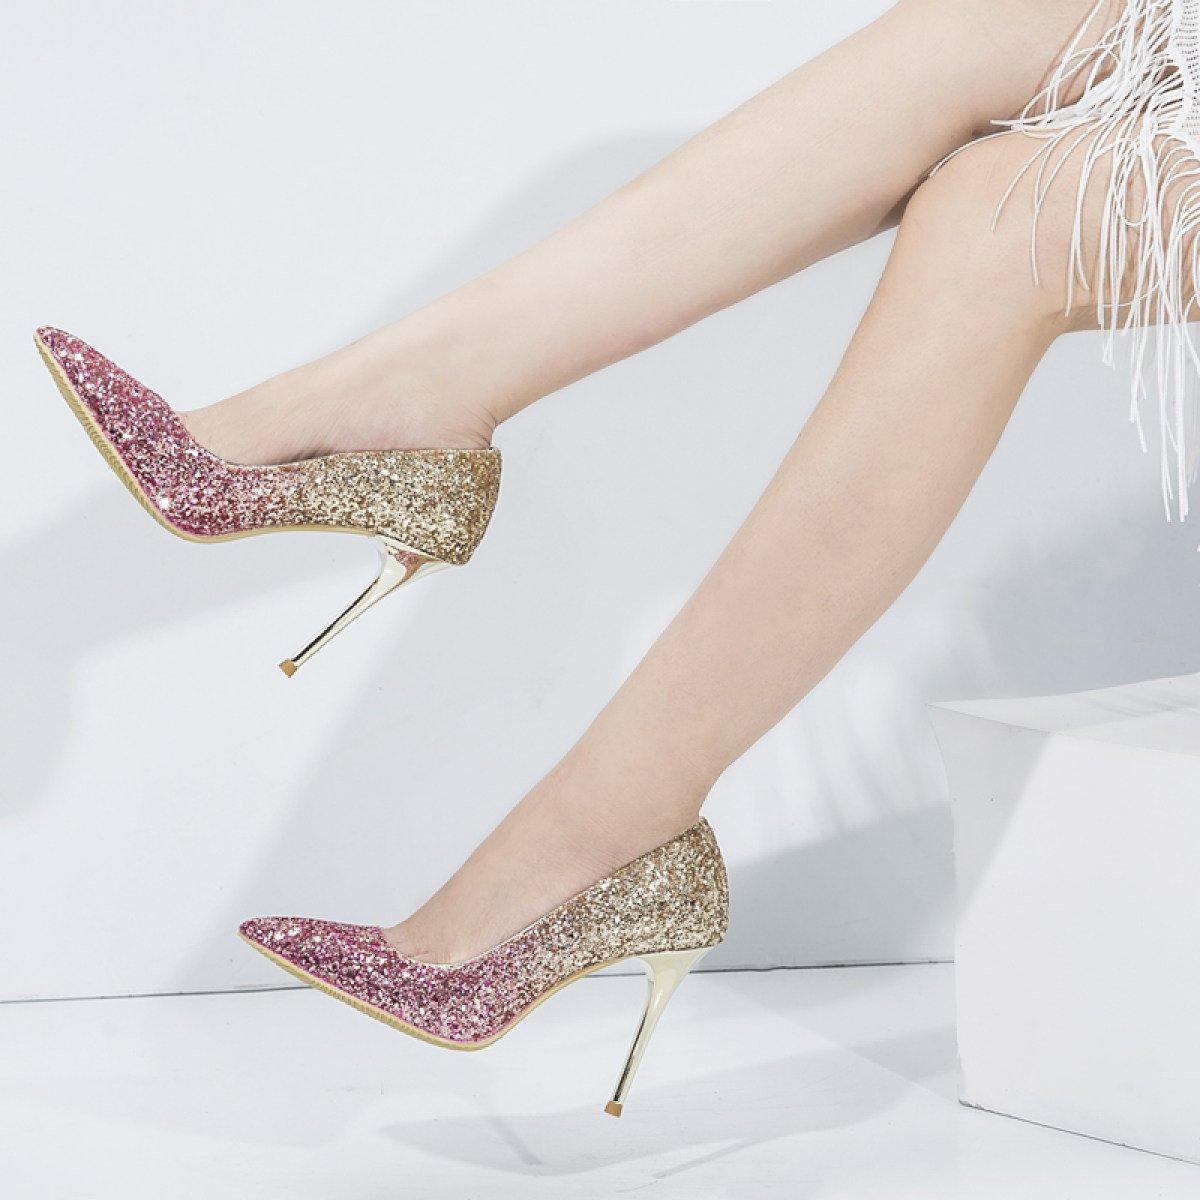 Damenschuhe Heels Damen Herbst High Heels Pailletten Stöckelschuhe Schuhe Silber Heels Damenschuhe Etikette Hochzeitsschuhe Purplegold(8cm) 92598e